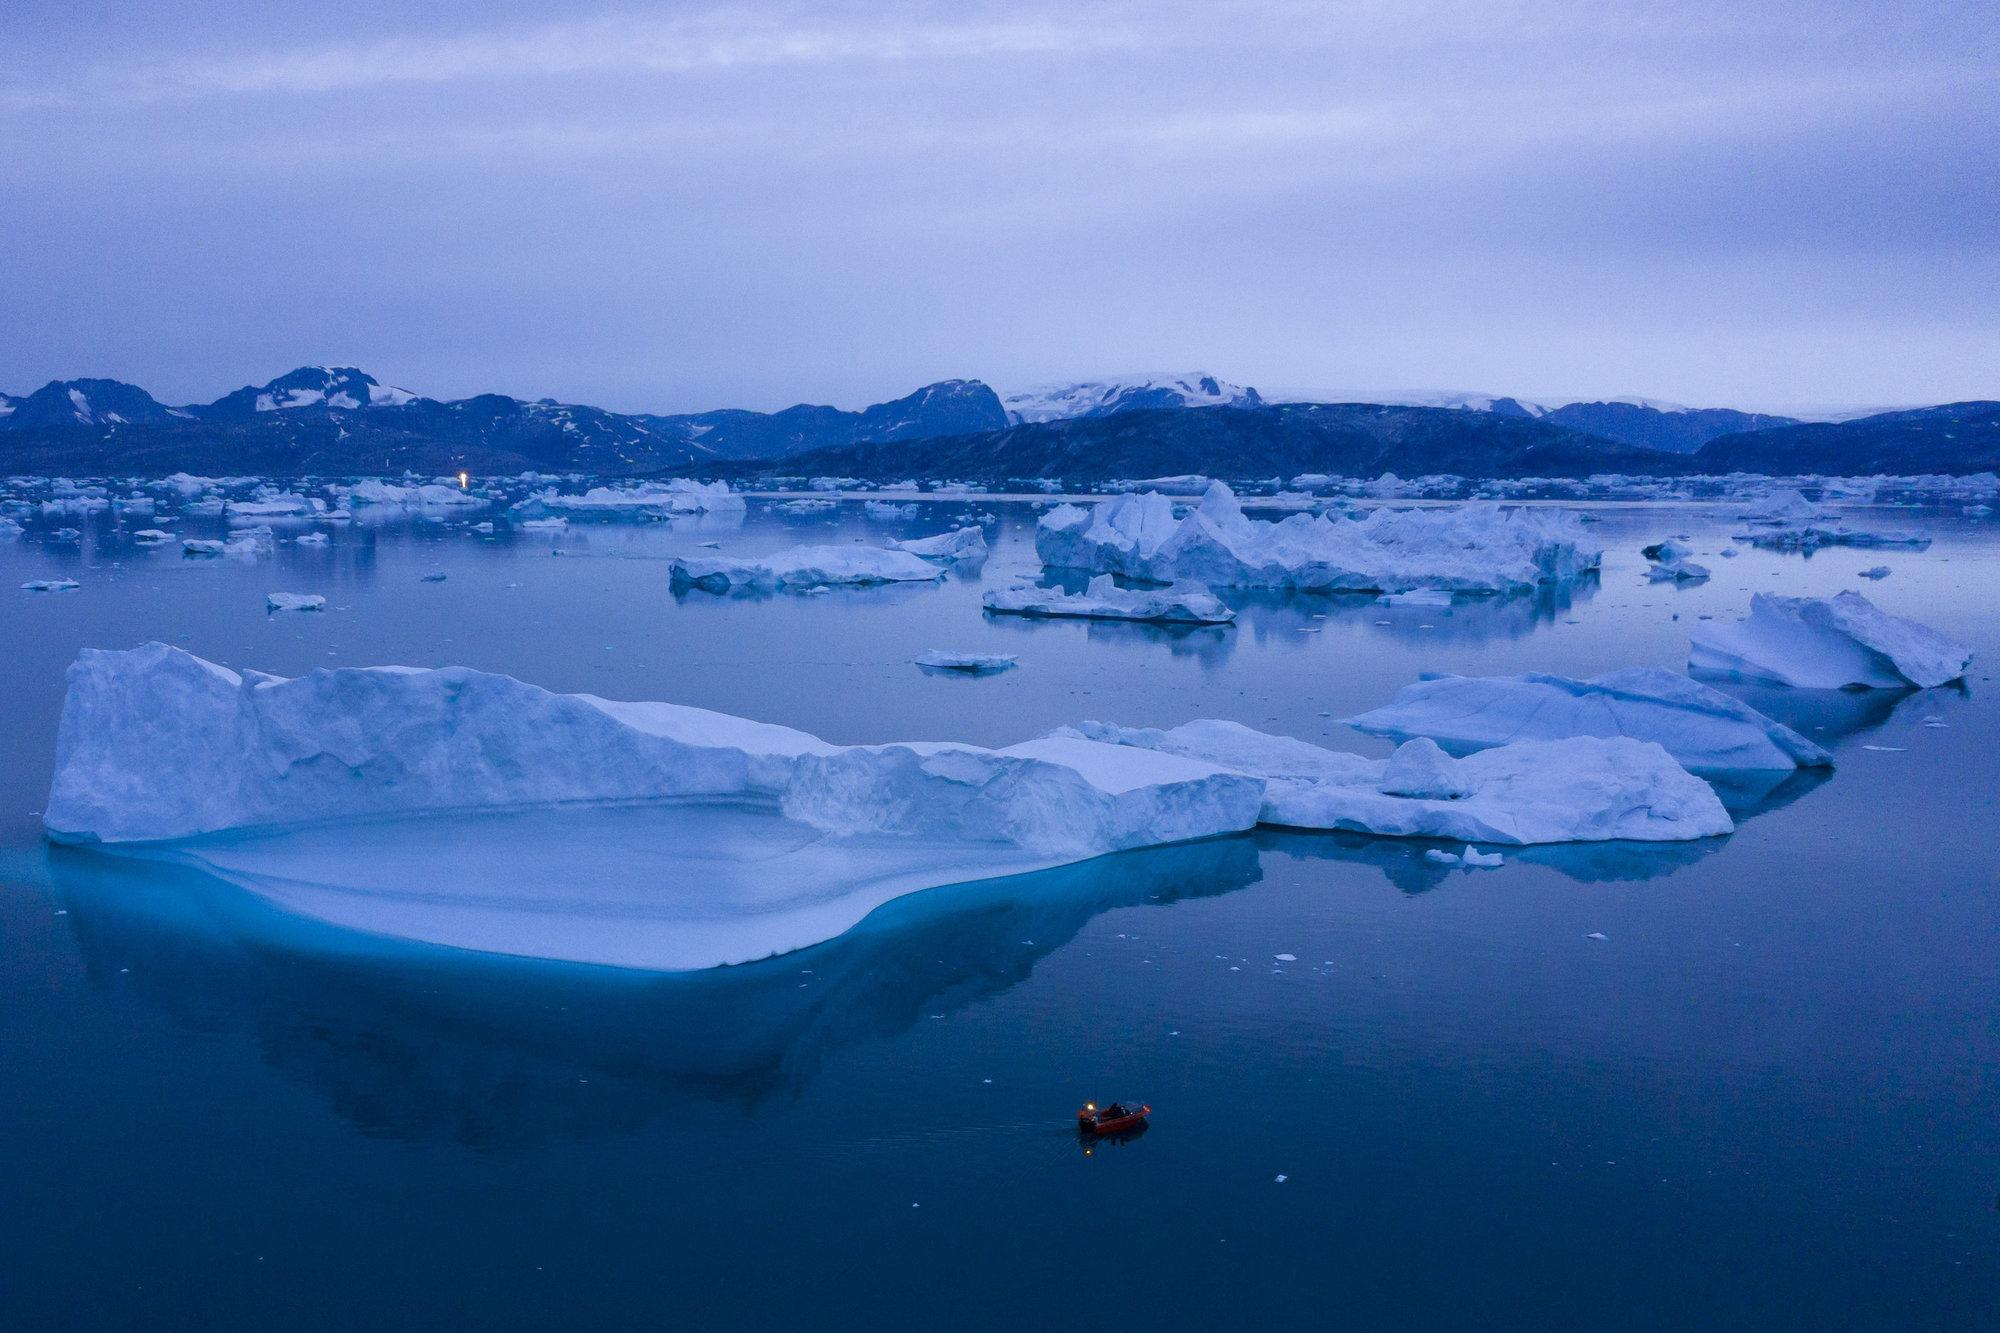 Das Eis Der Erde Schmilzt - Politik: Aktuelle Nachrichten ganzes Eis Im Wasserglas Schmelzen Wie Ist Der Wasserspiegel Nun